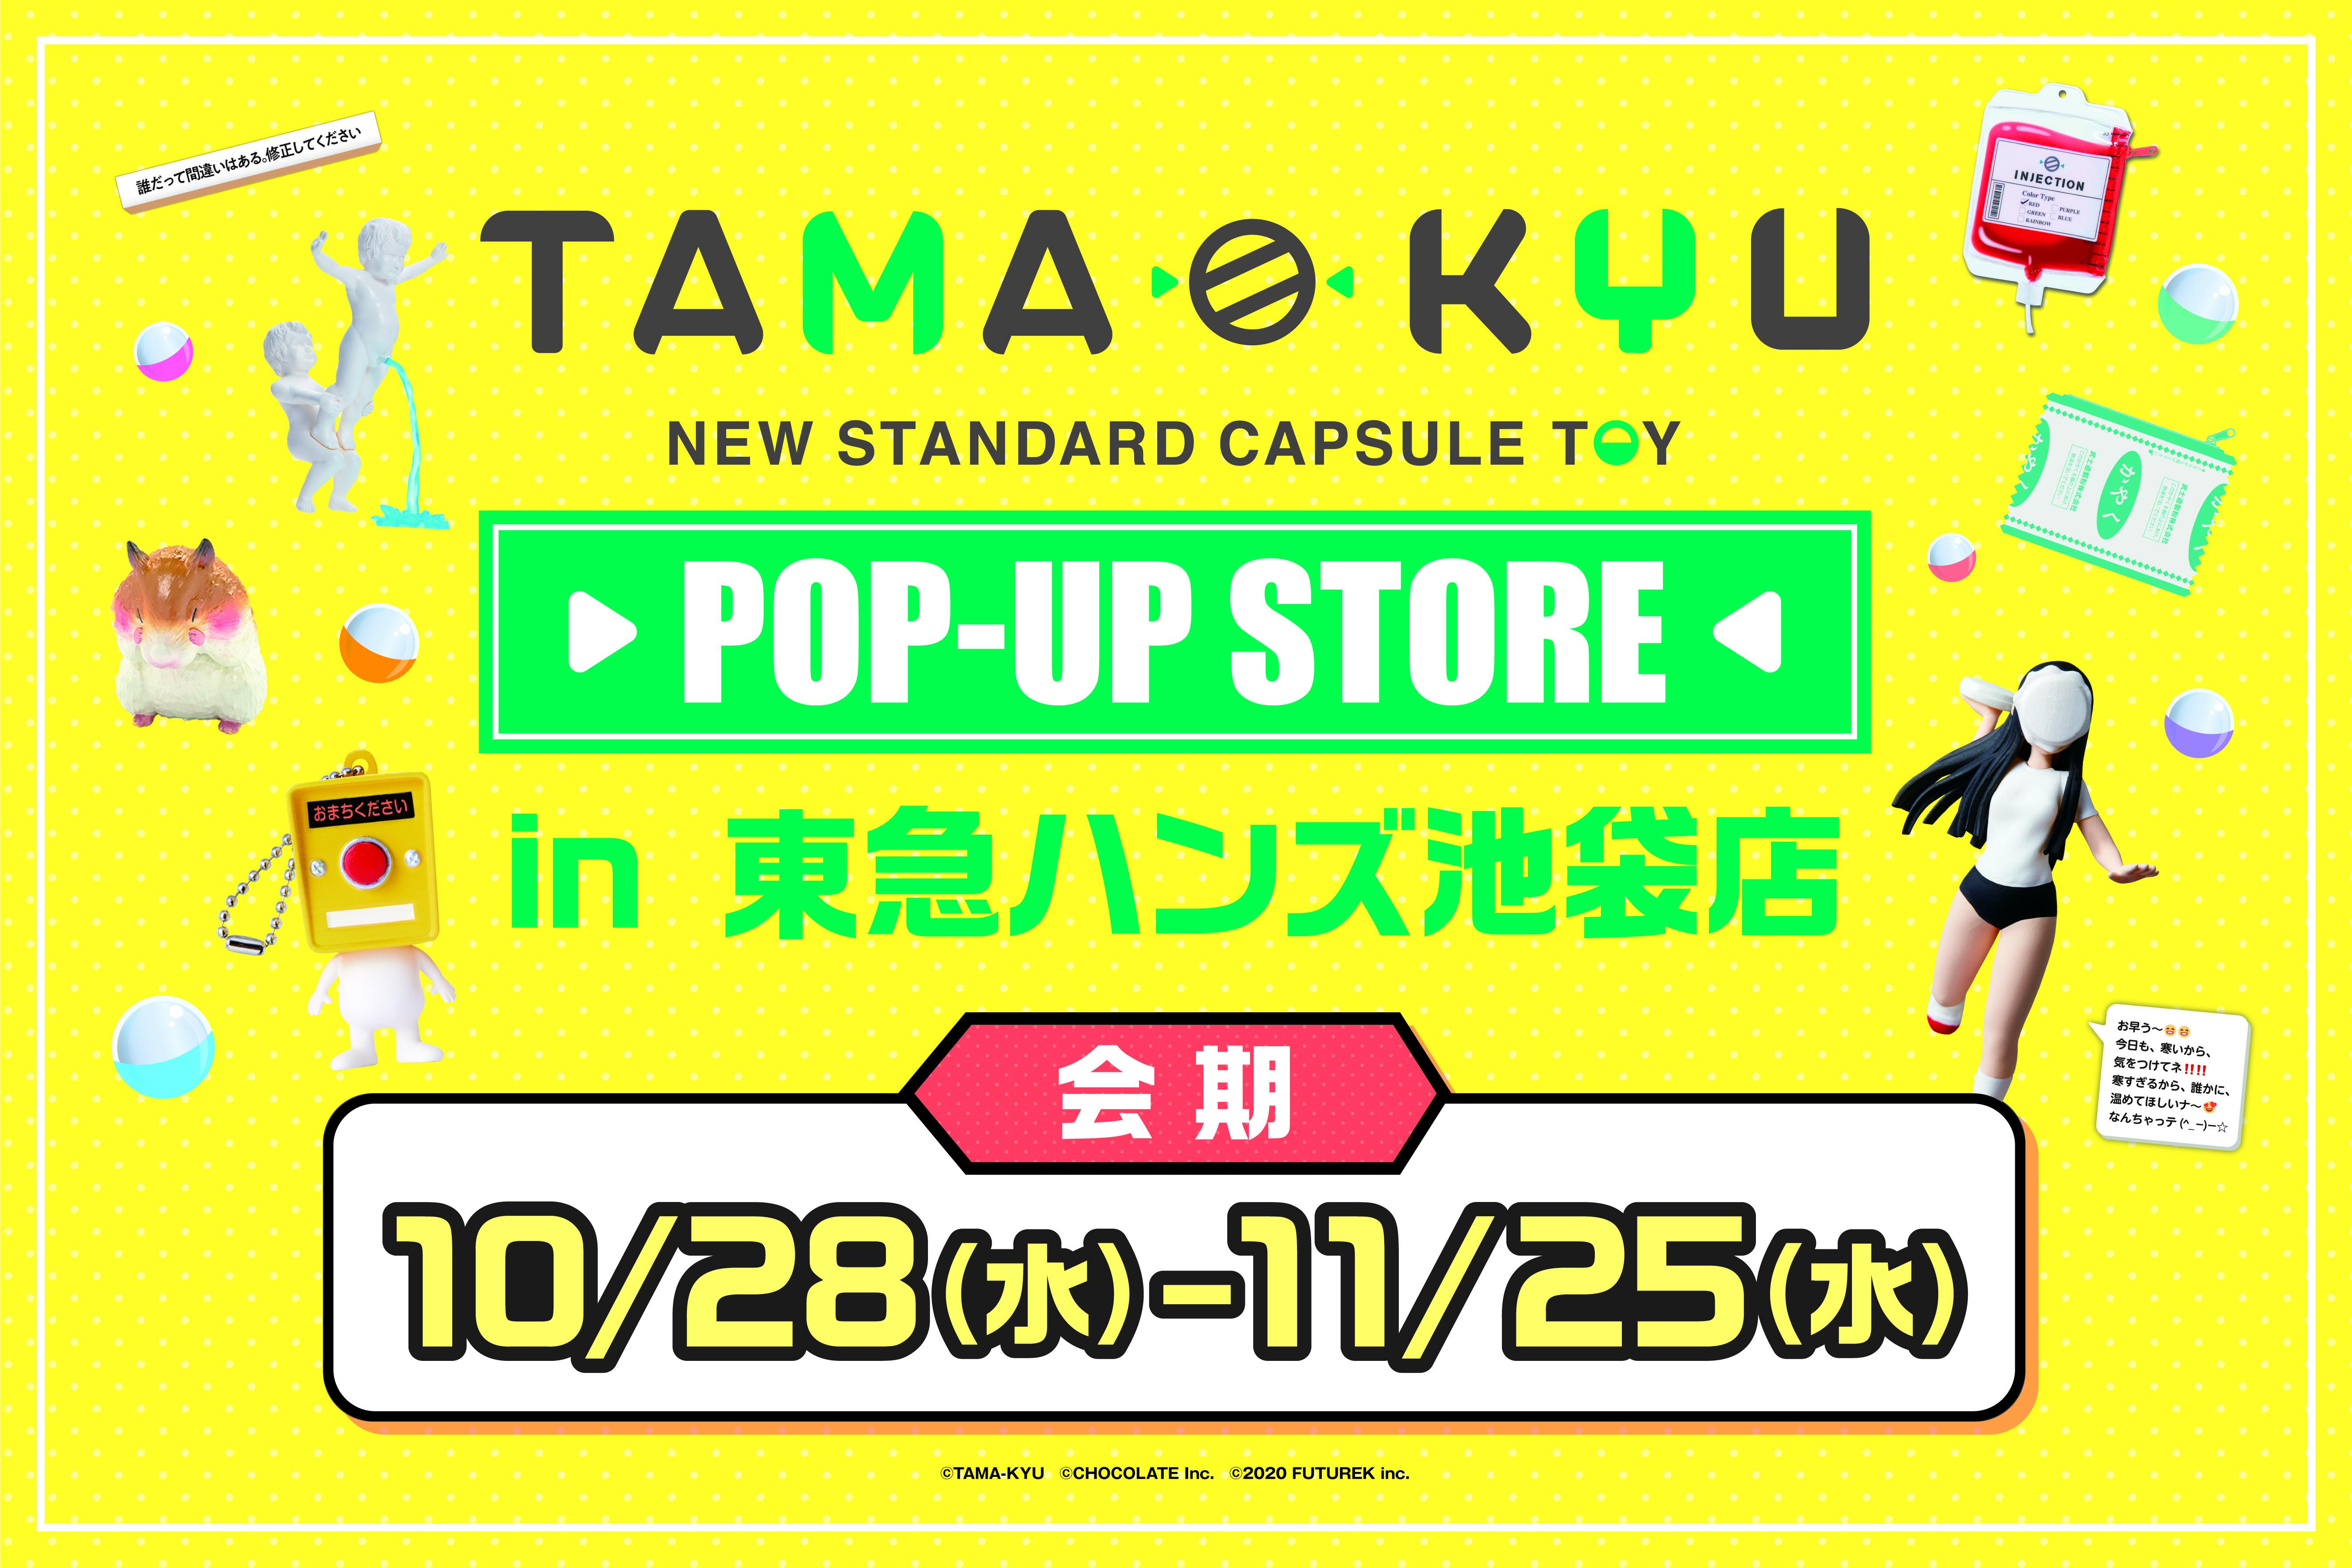 【10/28~11/25開催】TAMA-KYUポップアップストアin東急ハンズ池袋店開催決定